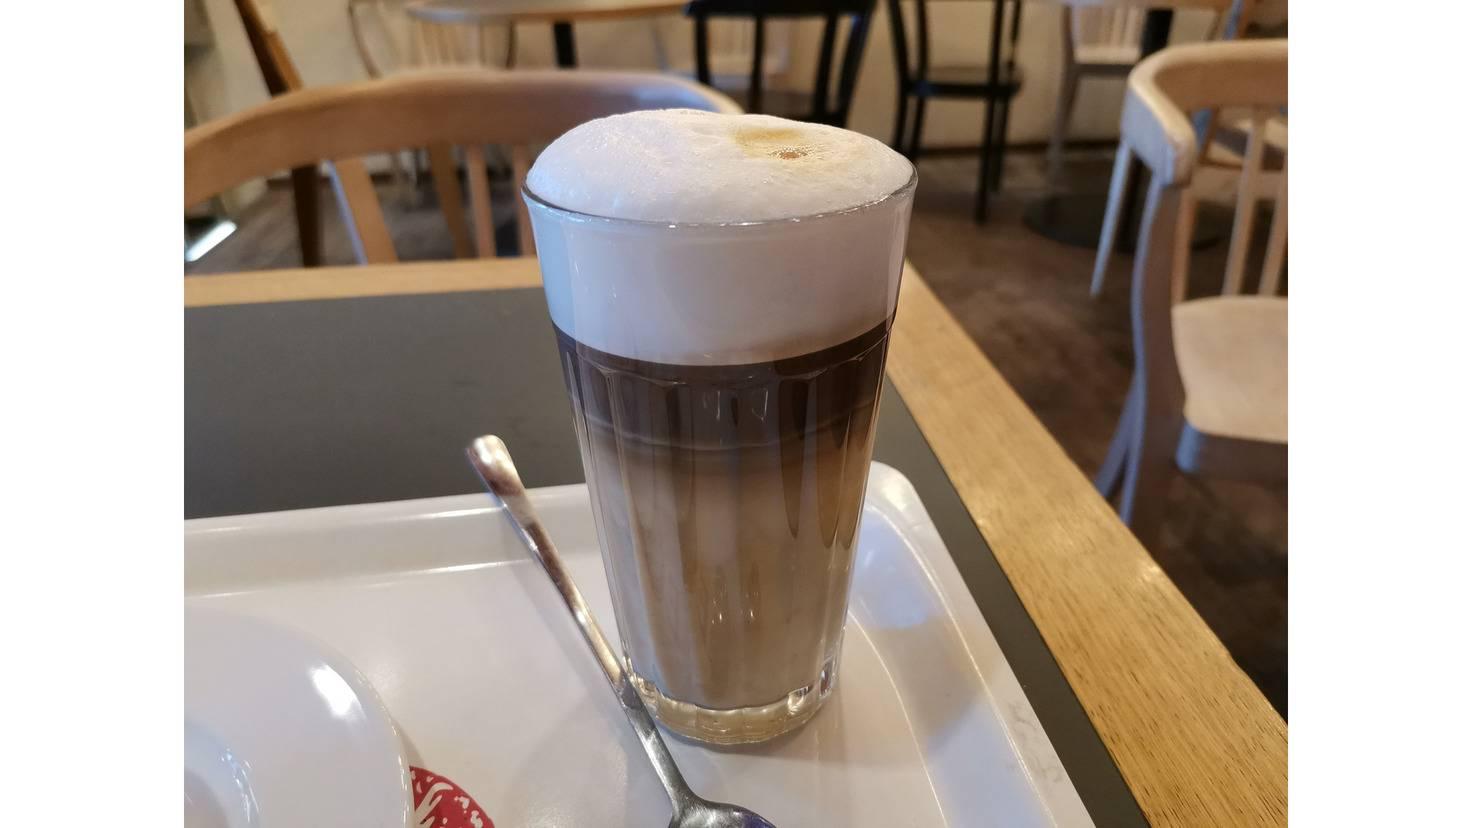 Genau so hat der Latte Macchiato auch im echten Leben ausgesehen – das spricht für die genaue Farbdarstellung.